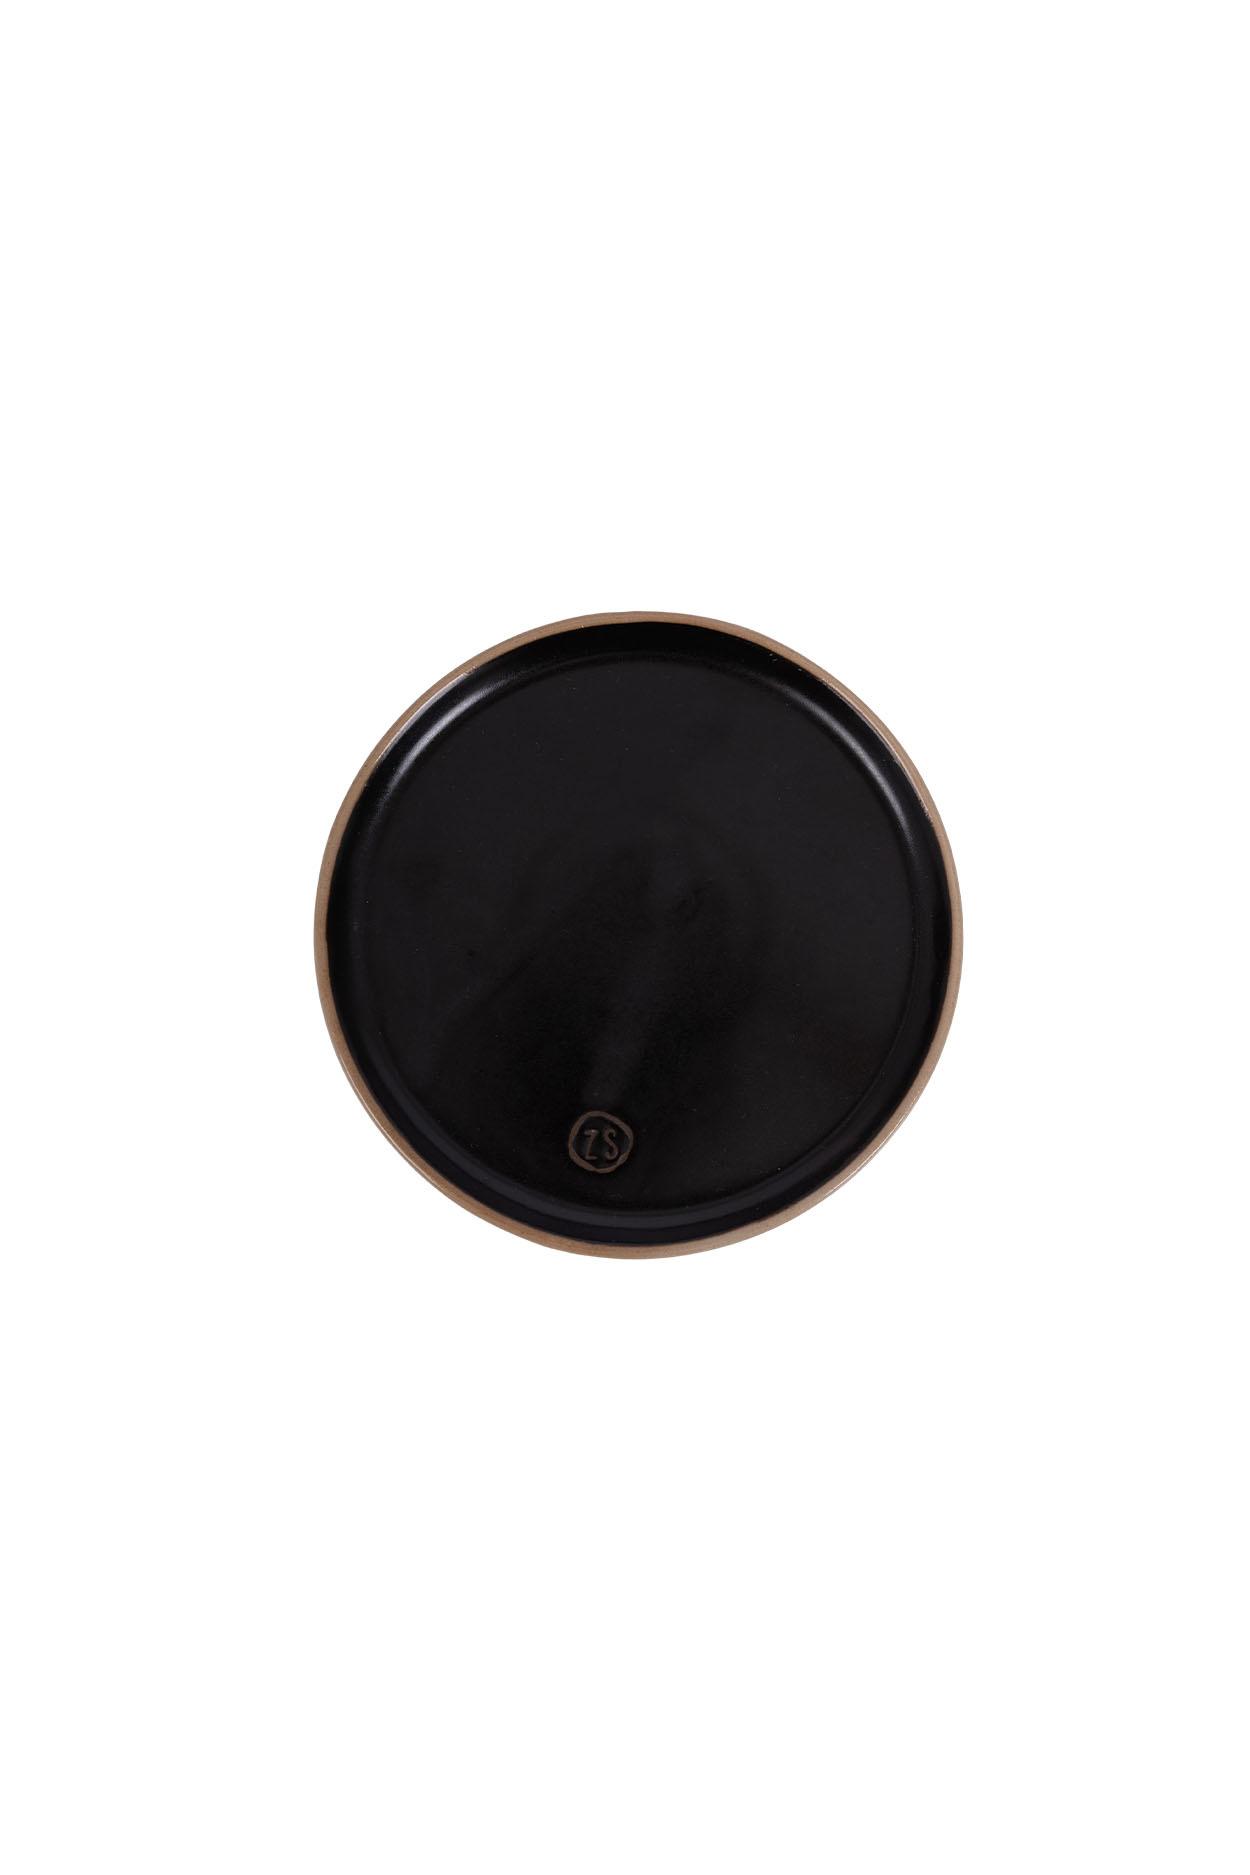 Zusss gebaksbordjes aardewerk -  zwart